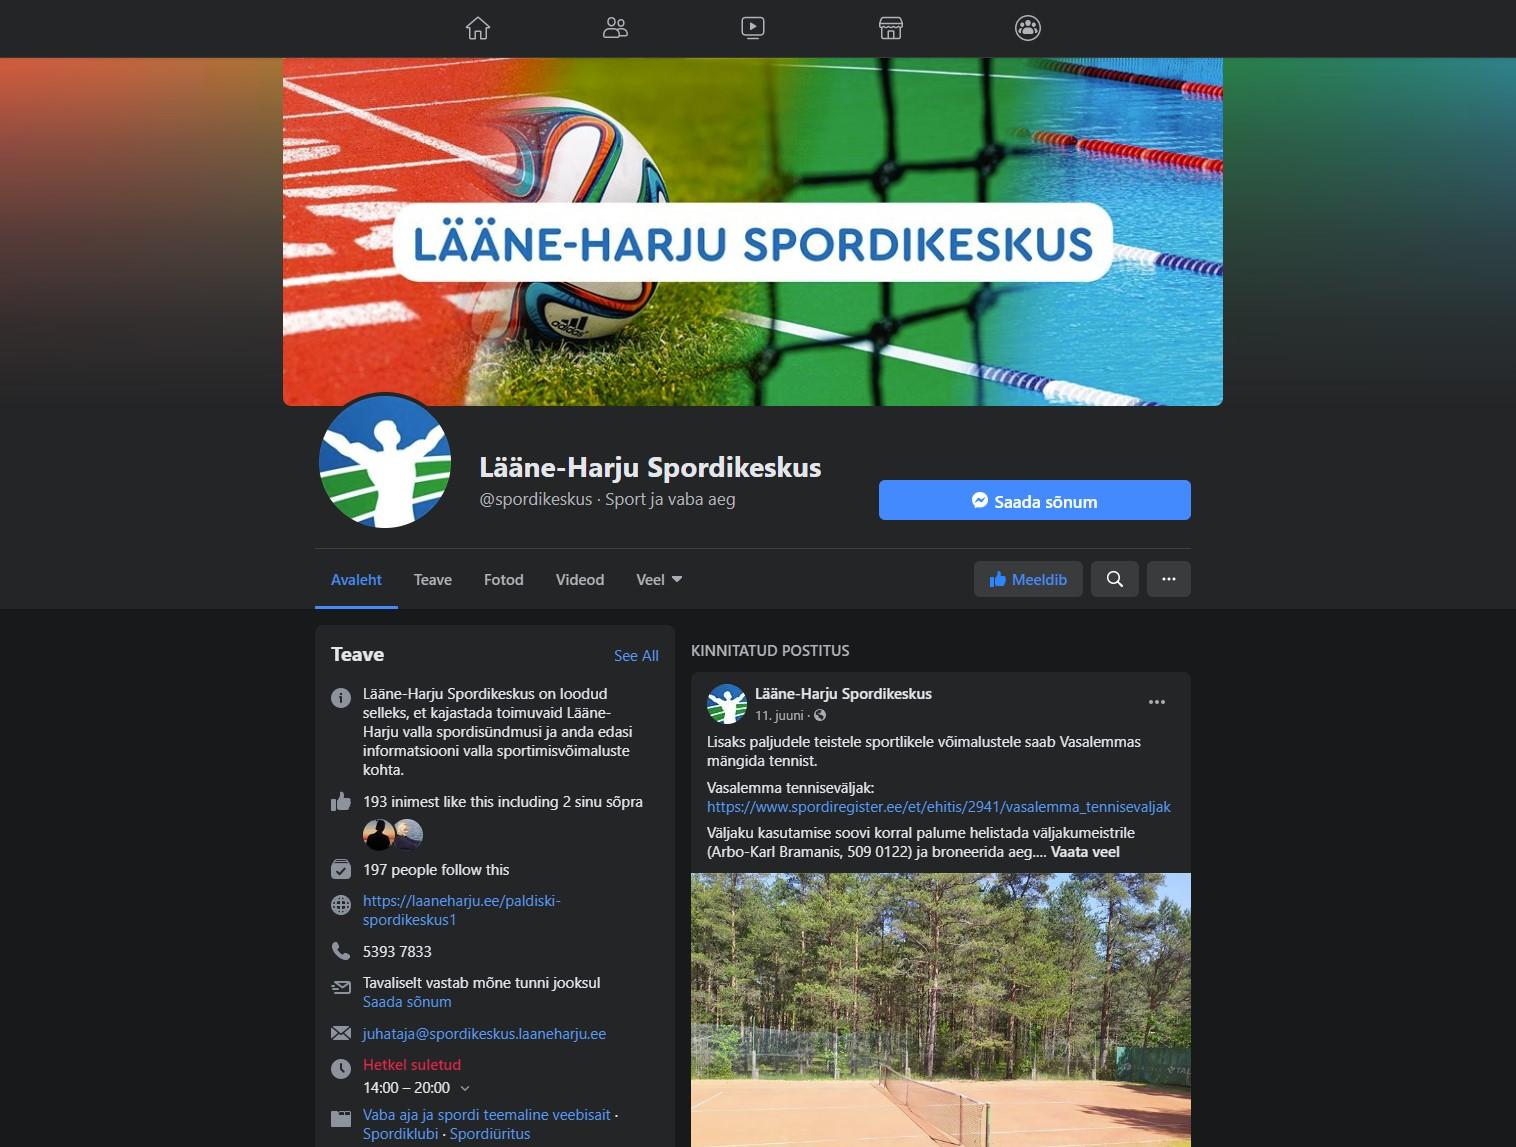 Lääne-Harju Spordikeskuse Facebook